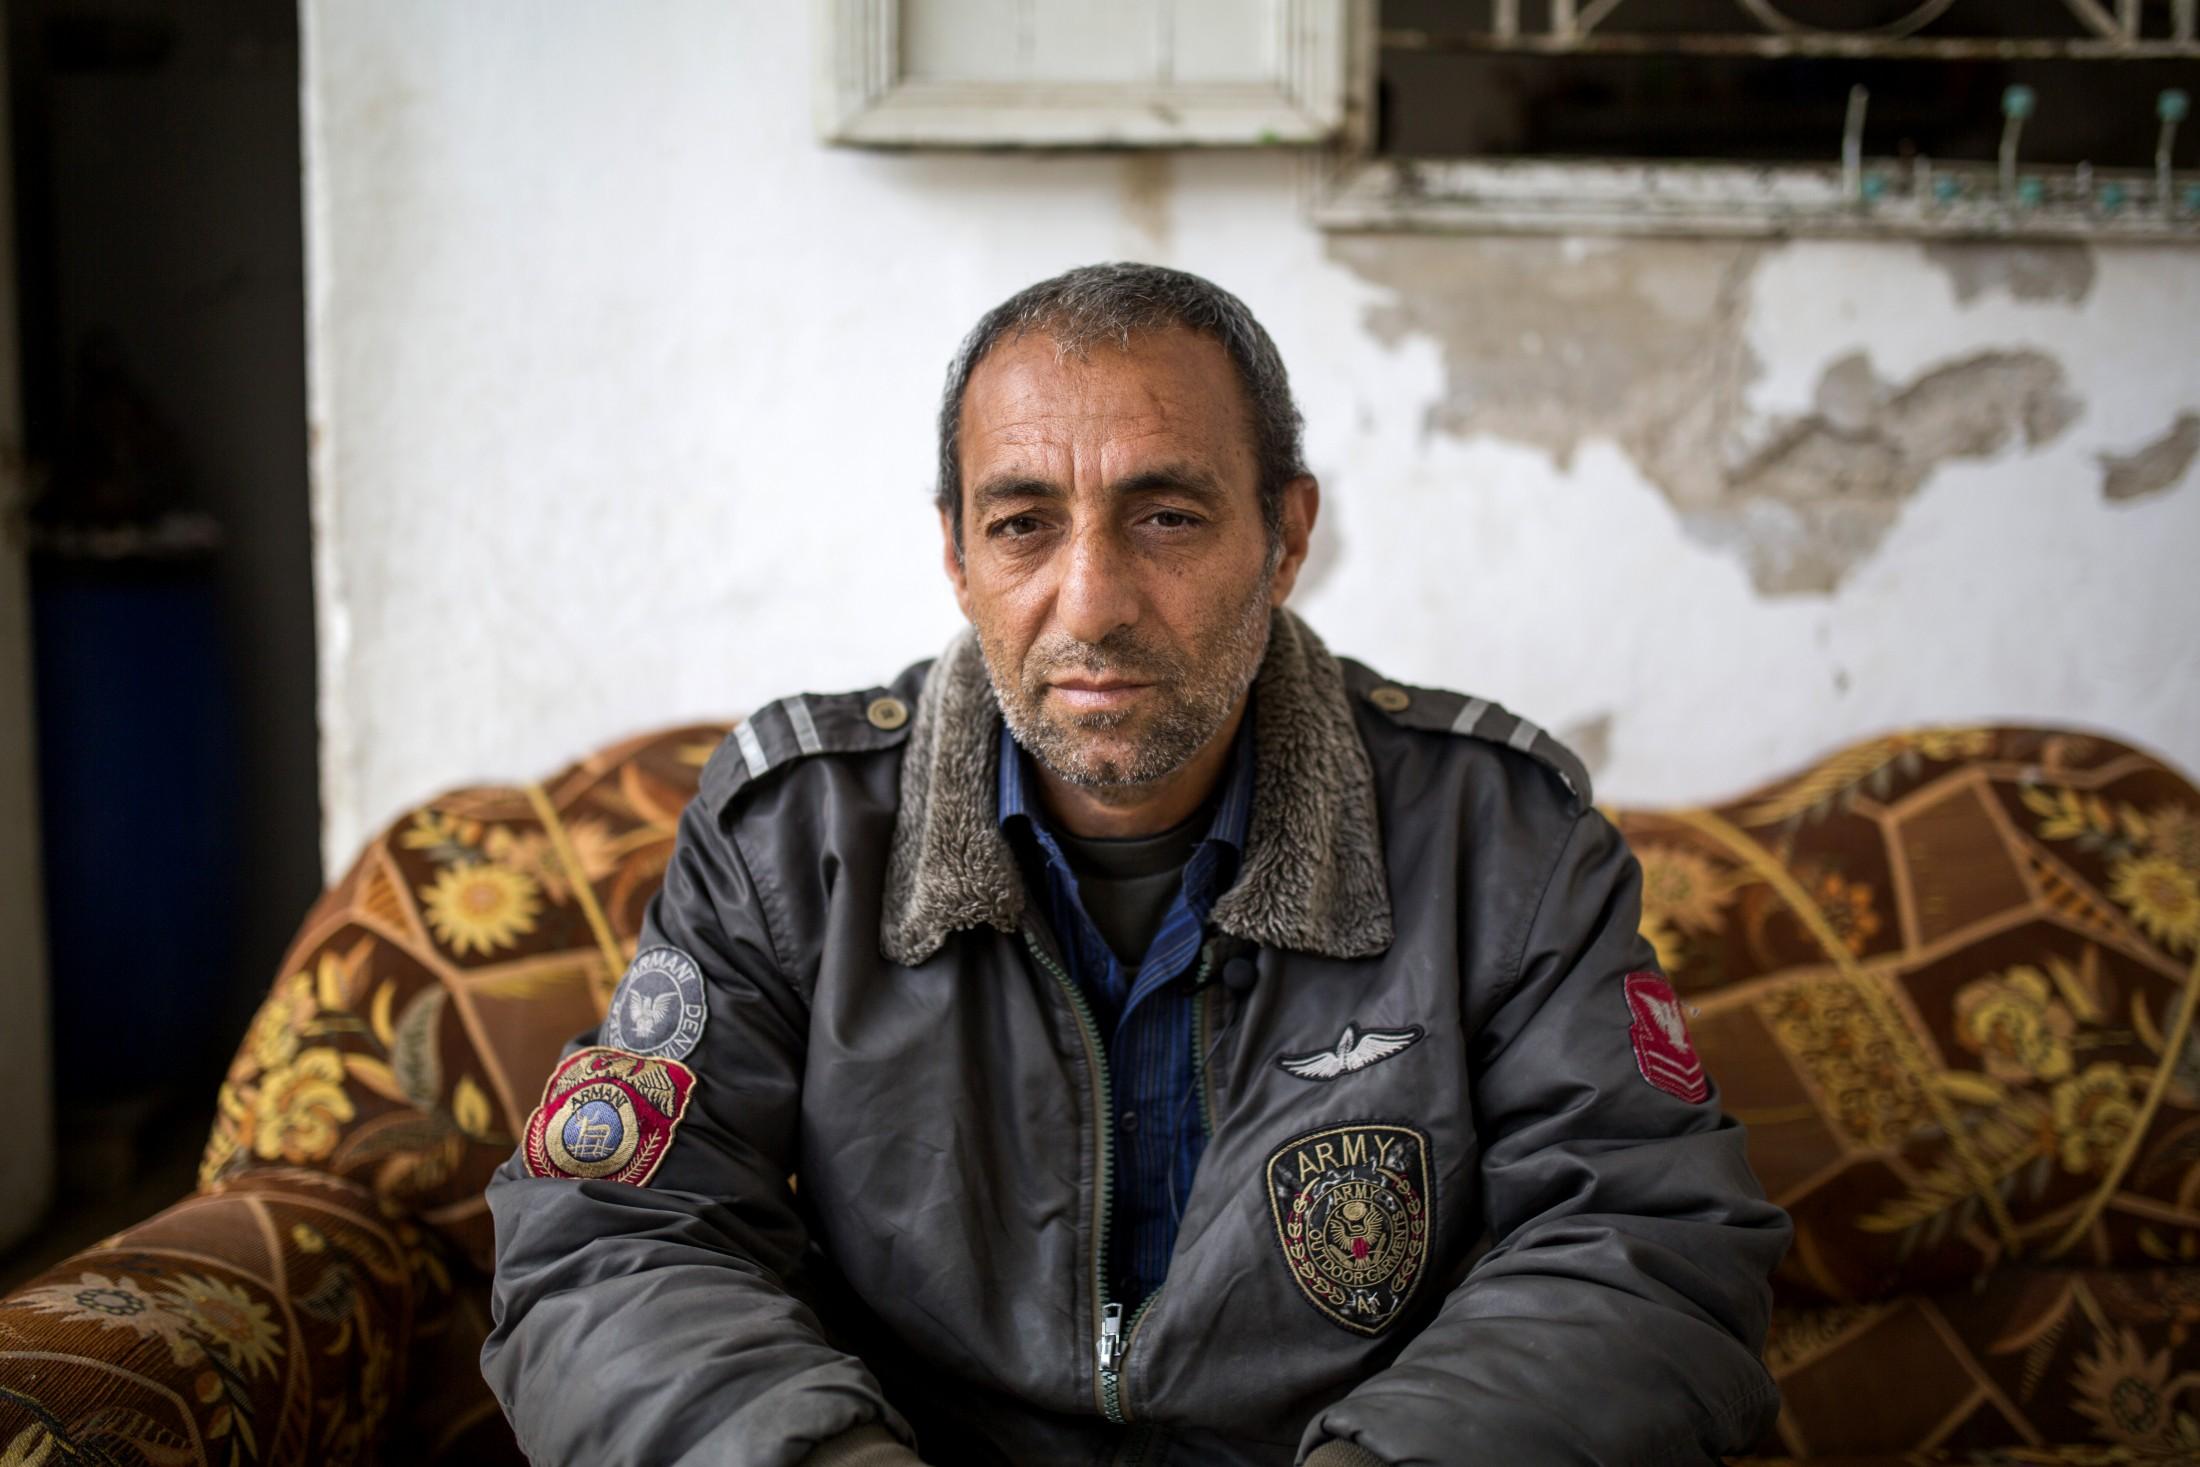 Abdelhadi al-Majdalawi aime beaucoup causer de politique et du passé.